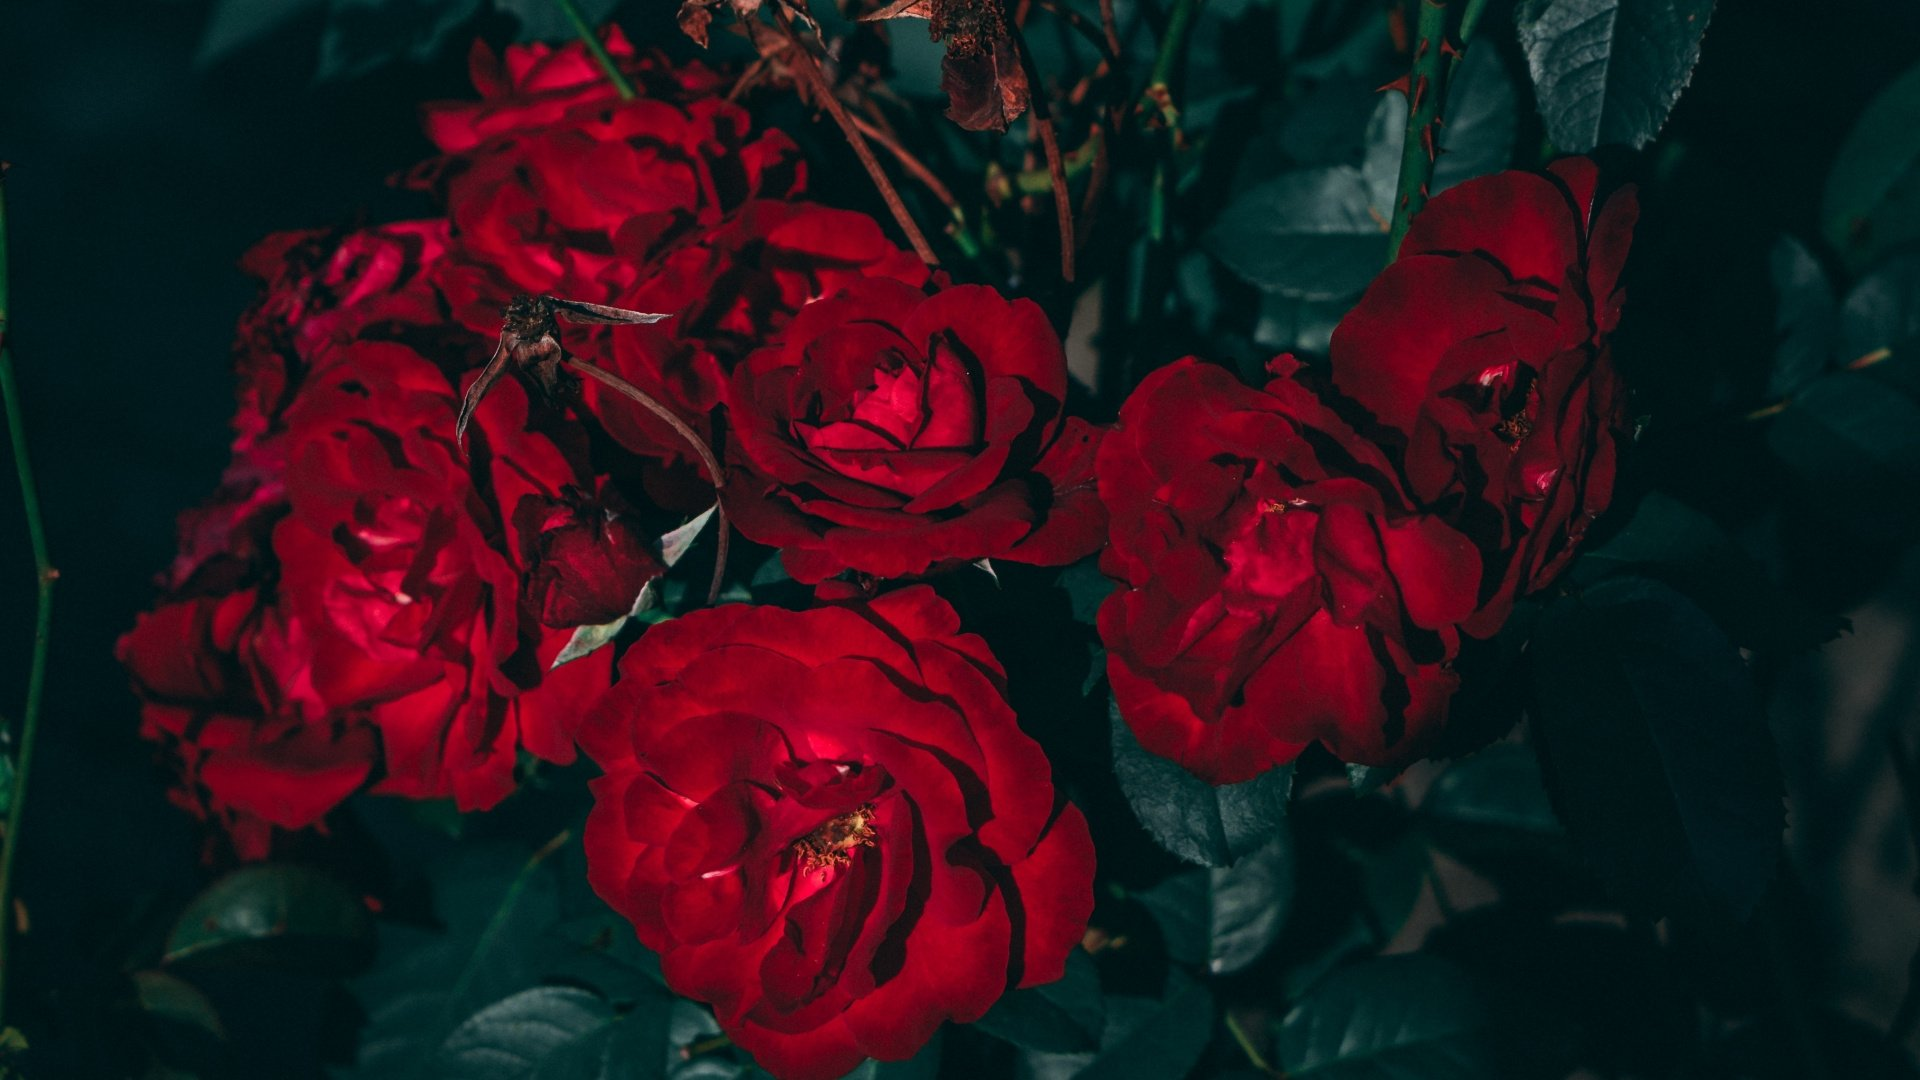 Aesthetic Rose Wallpaper For Pc